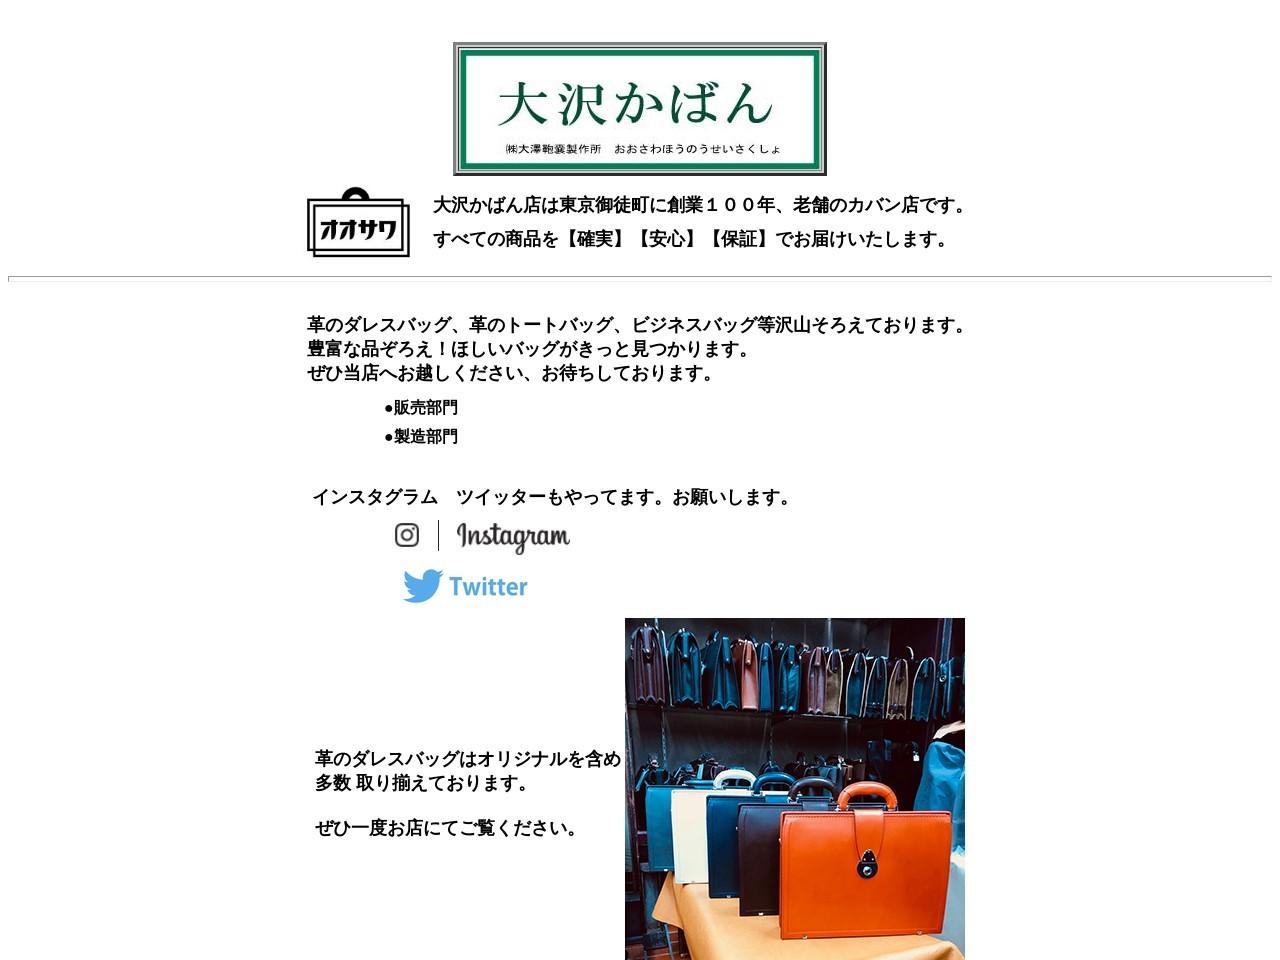 株式会社大澤鞄嚢製作所